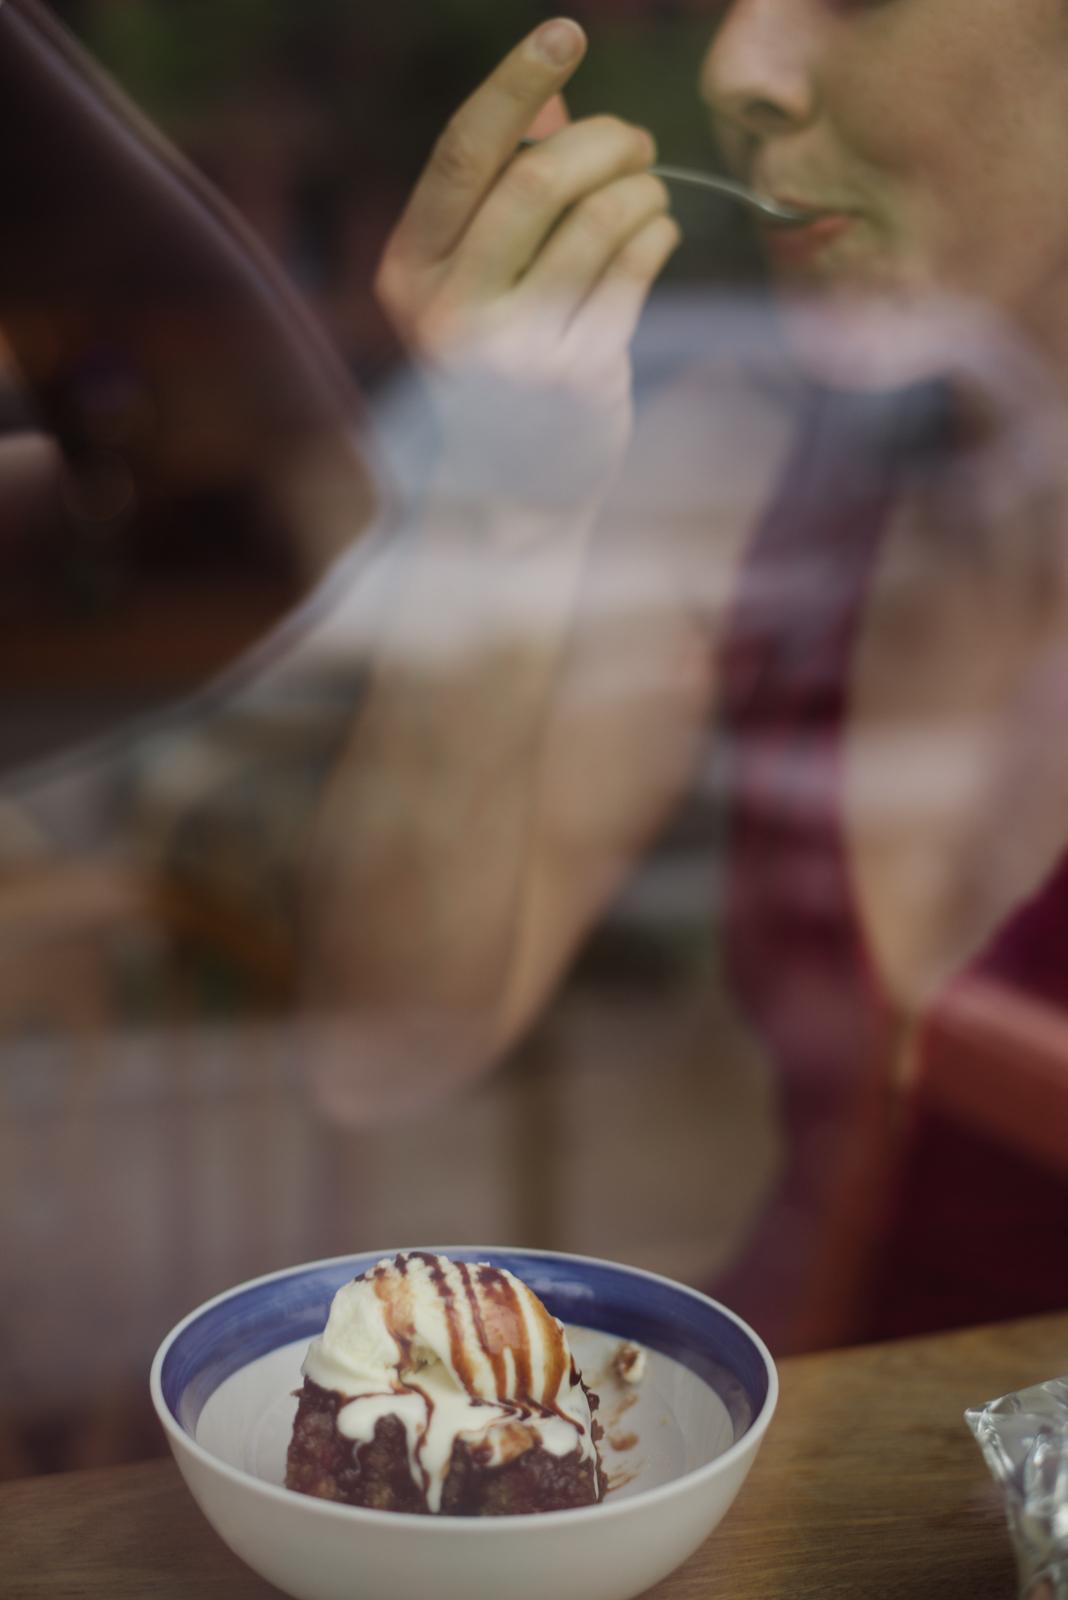 06012018-SweetBabu-JuliaLuckettPhotography-53.jpg